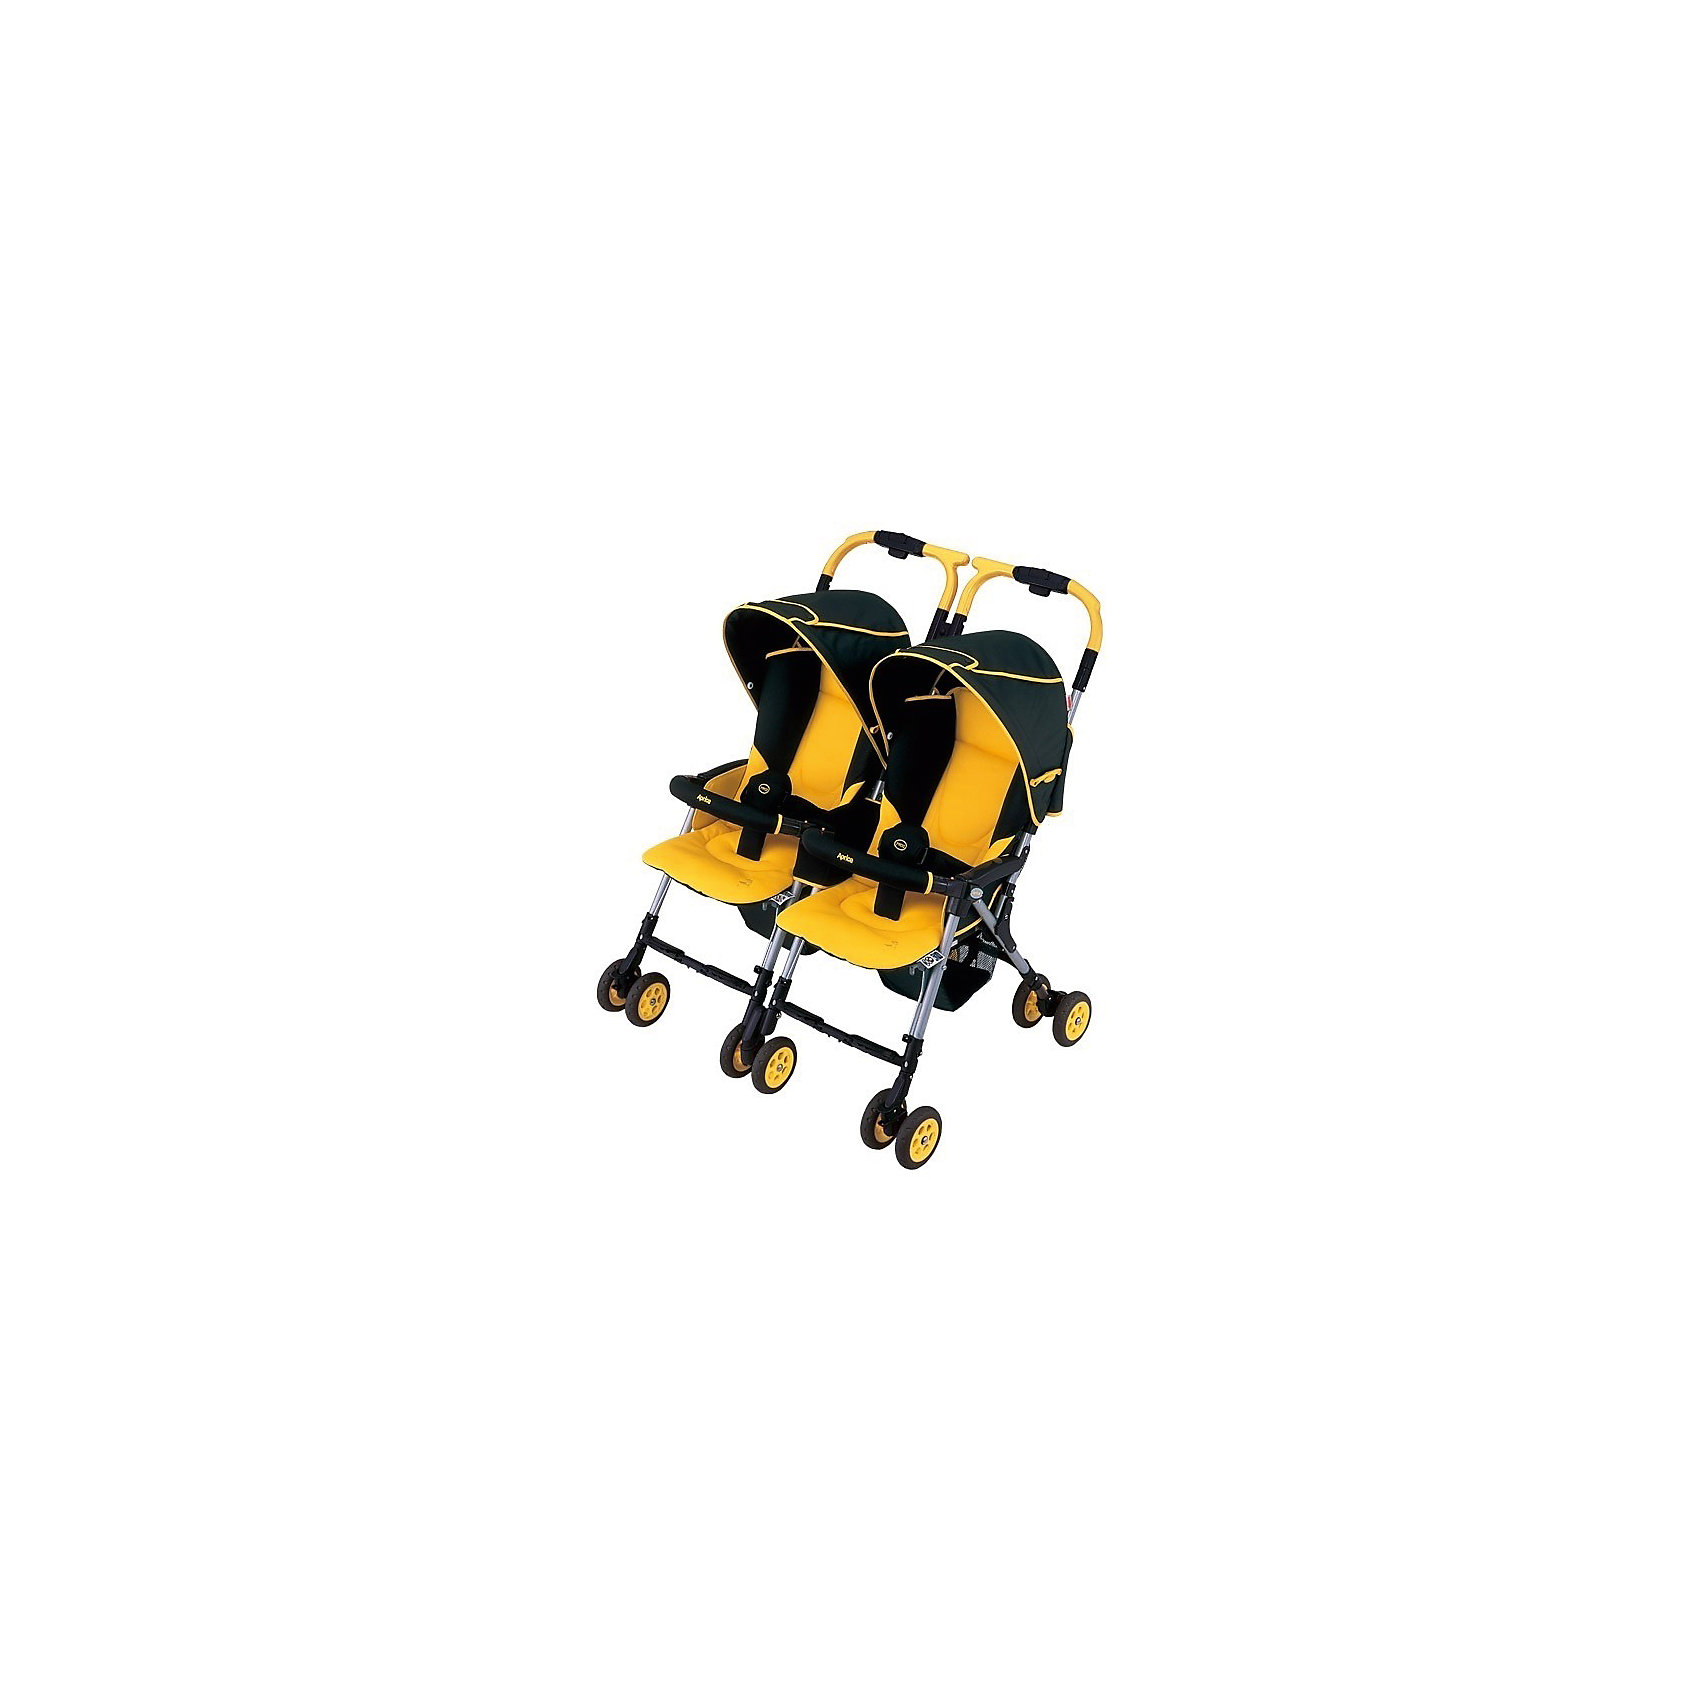 Прогулочная коляска для двойня Nelccobed Twin, ApricaПрогулочные коляски<br>Характеристики коляски для двойни Aprica Nelccobed Twin<br><br>Прогулочный блок, у каждого свой: <br><br>• регулируемые по длине 3-х точечные ремни безопасности;<br>• регулируемый наклон спинки, угол наклона 130-170 градусов;<br>• глубокий капюшон оснащен широким солнцезащитным козырьком;<br>• на капюшоне находится смотровое окошко;<br>• съеный бампер, отодвигается с одной стороны или снимается полностью;<br>• бампер у каждого малыша отдельный;<br>• поддерживающая система терморегуляции;<br>• подножки регулируются по высоте;<br>• материал: пластик, полиэстер;<br>• высота сиденья от земли: 50 см.<br><br>Шасси коляски, общее для двоих: <br><br>• сдвоенные колеса коляски, 6 пар, всего 12 шт.;<br>• передние колеса поворотные с блокировкой;<br>• тип тормоза: ножной, расположен на 2-х колесах;<br>• механизм складывания: трость с защитой от раскладывания;<br>• рама складывается вместе с прогулочным блоком;<br>• коляска сохраняет устойчивое вертикальное положение;<br>• материал рамы: алюминий.<br><br>Размер коляски: 89х78х97 см<br>Размер коляски в сложенном виде: 65х34х96 см<br>Вес коляски: 9,6 кг<br>Максимальная нагрузка на коляску: 30 кг<br><br>Комплектация:<br><br>• коляска для двойни Nelccobed Twin;<br>• 2 накидки на ножки, крепятся кнопками к бамперам;<br>• дождевик в сумочке, закрывает оба прогулочных блока одновременно;<br>• ремешок для переноски коляски;<br>• инструкция. <br><br>Прогулочную коляску для двойни Nelccobed Twin, Aprica можно купить в нашем интернет-магазине.<br><br>Ширина мм: 650<br>Глубина мм: 340<br>Высота мм: 970<br>Вес г: 12300<br>Возраст от месяцев: 1<br>Возраст до месяцев: 36<br>Пол: Унисекс<br>Возраст: Детский<br>SKU: 5451751